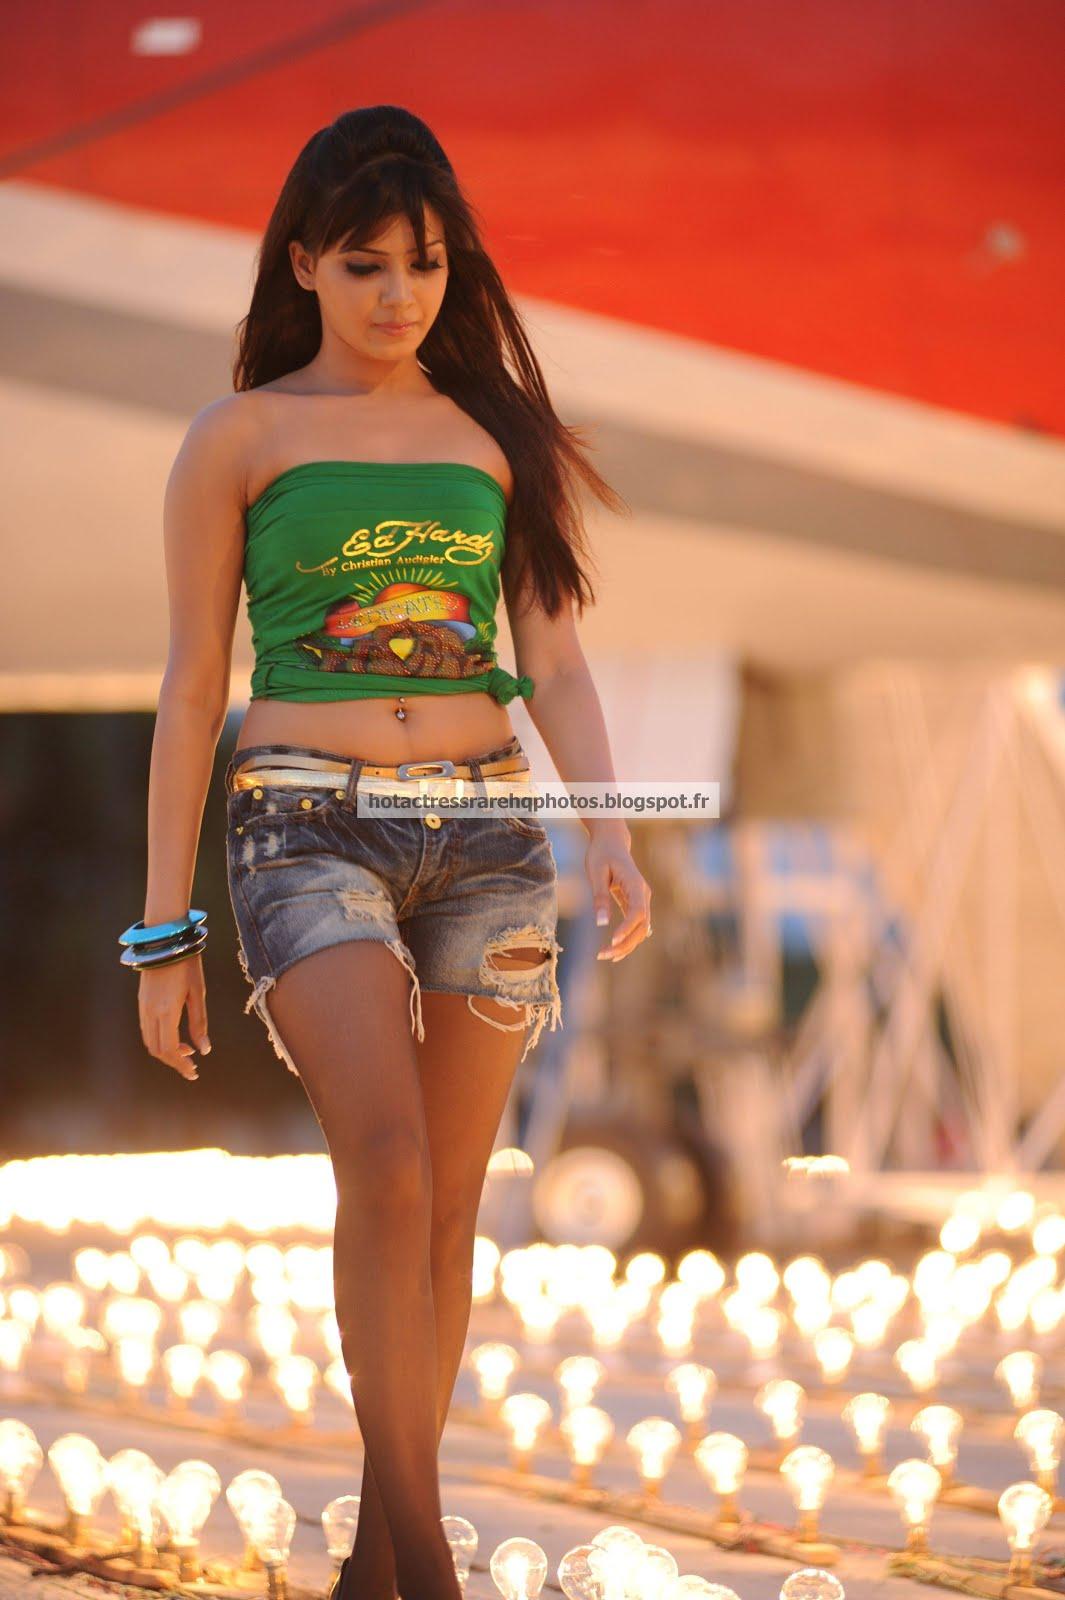 Hot Indian Actress Rare HQ Photos: Actress Samantha Ruth